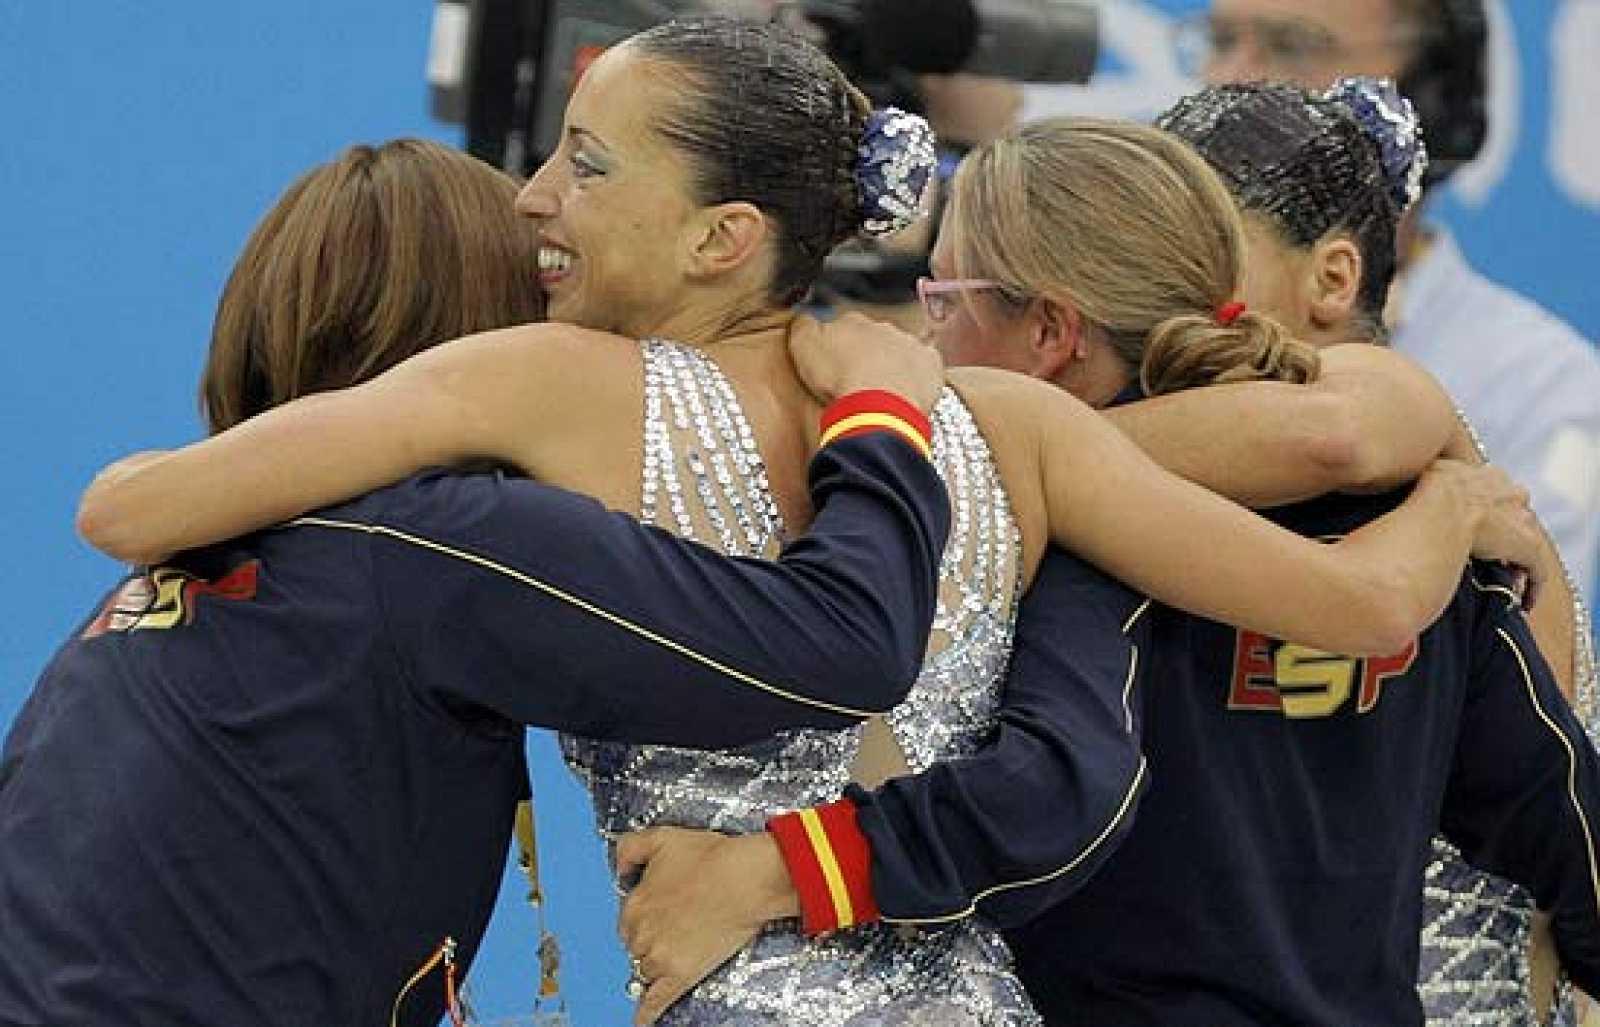 Gemma Mengual y Andrea Fuentes han consguido la medalla de plata con una puntuación de 98,334.